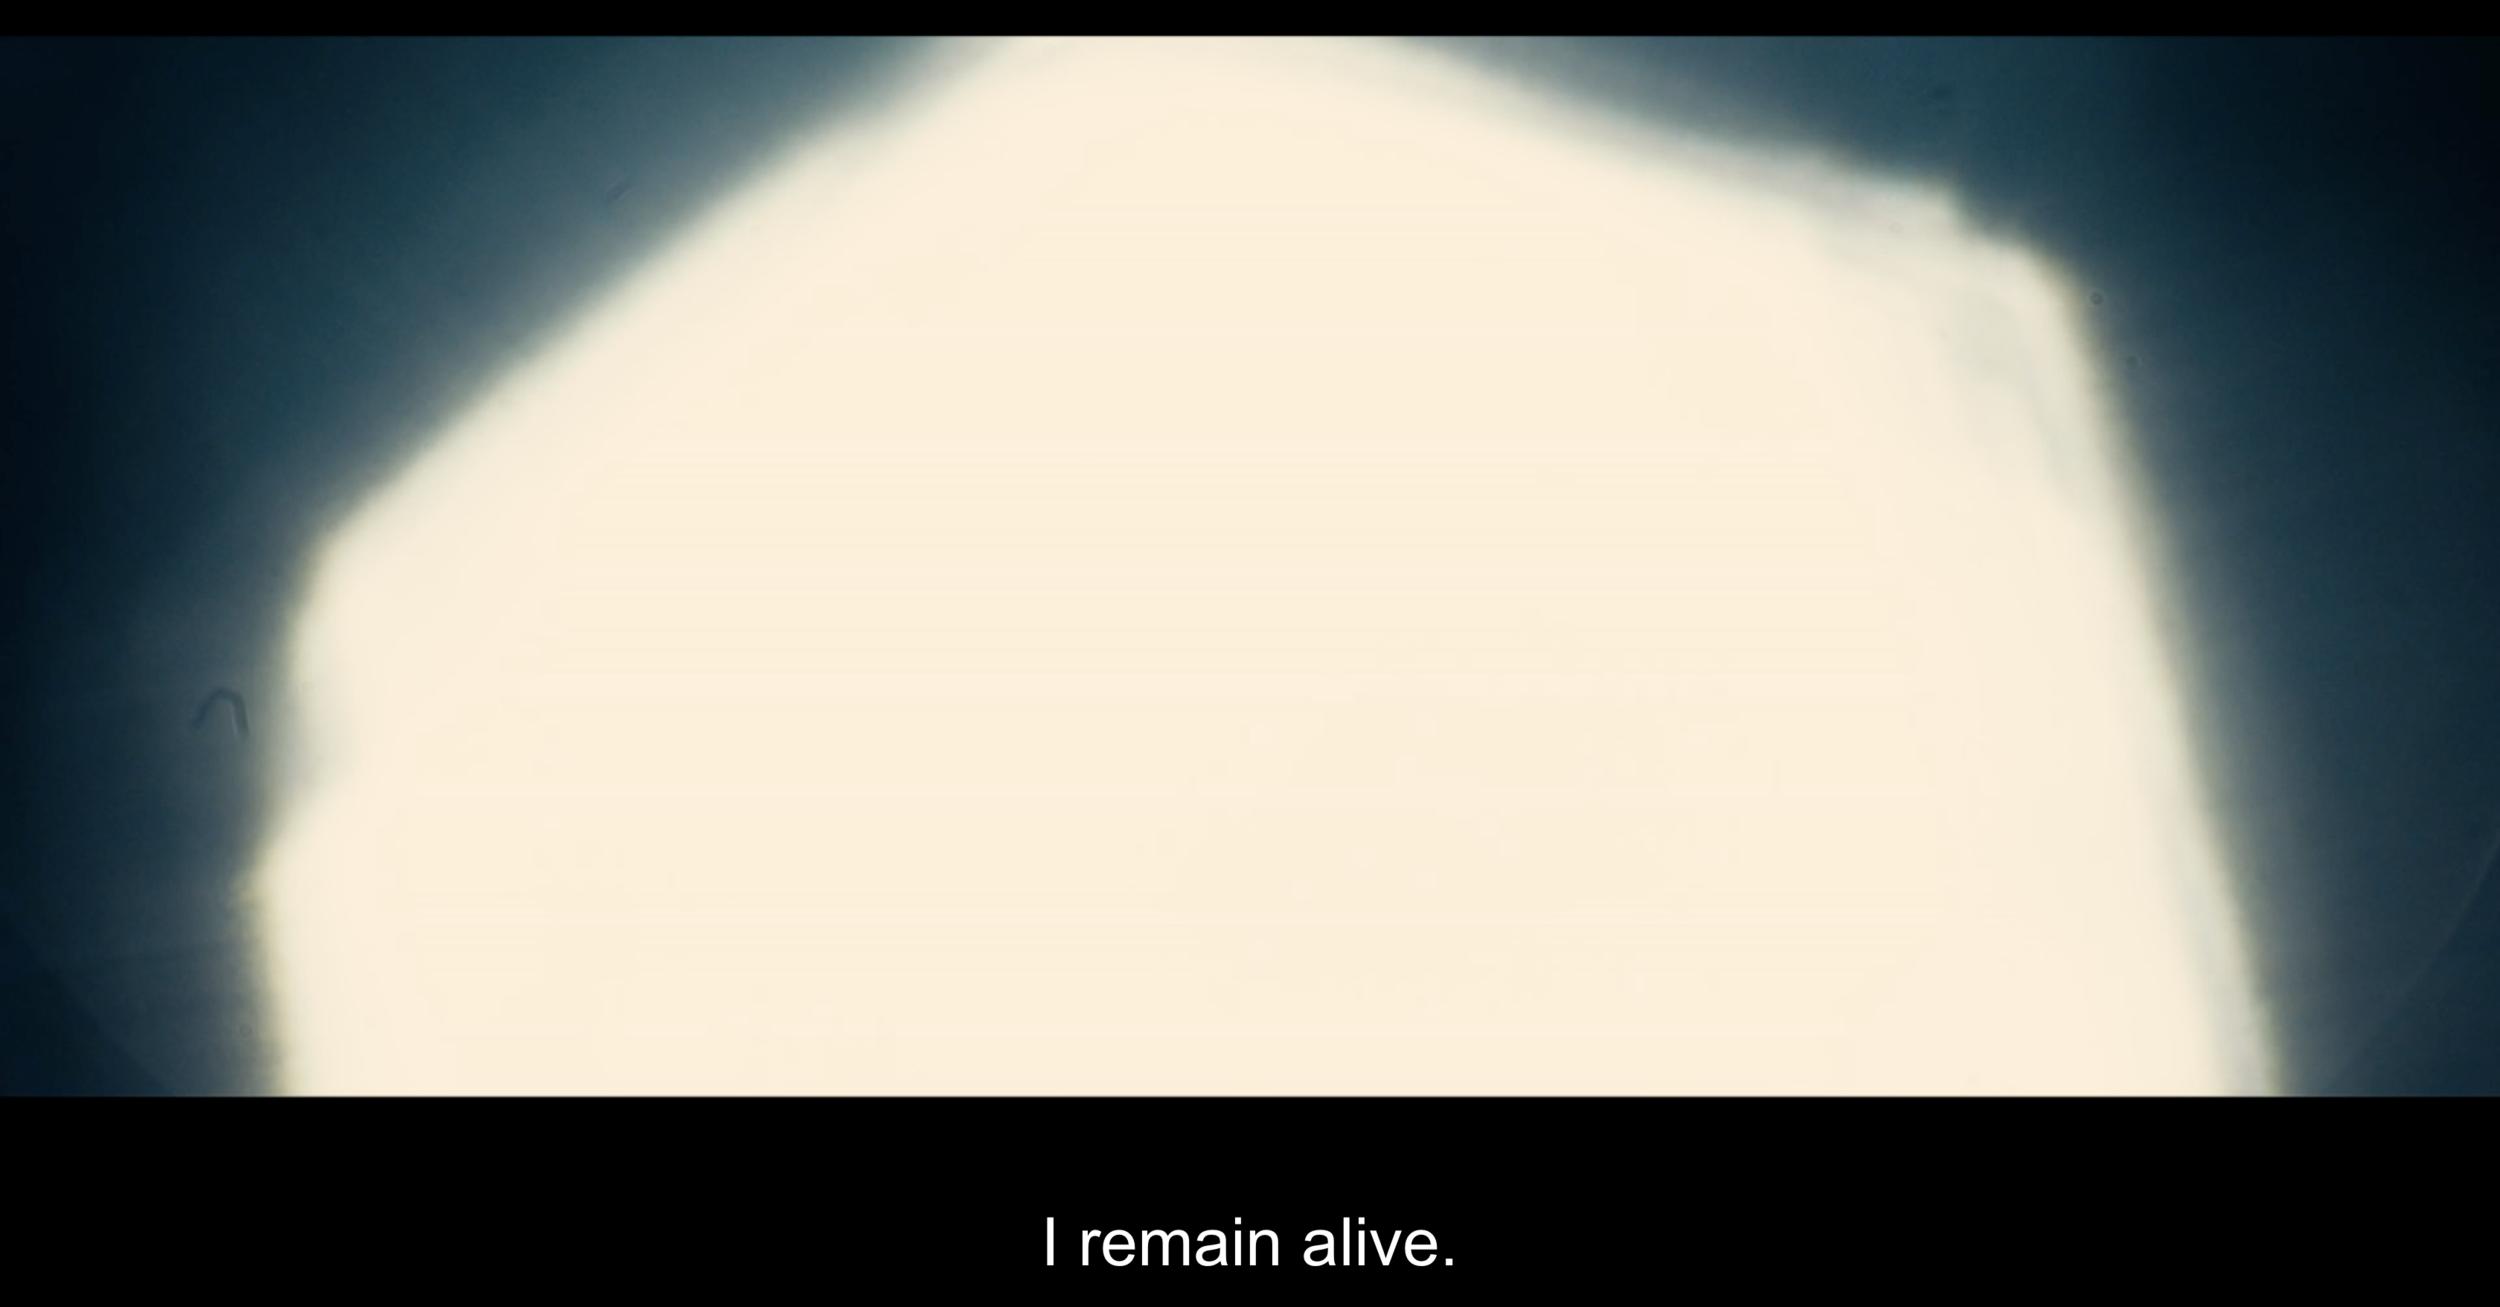 Screen Shot 2019-07-05 at 9.51.54 PM.png